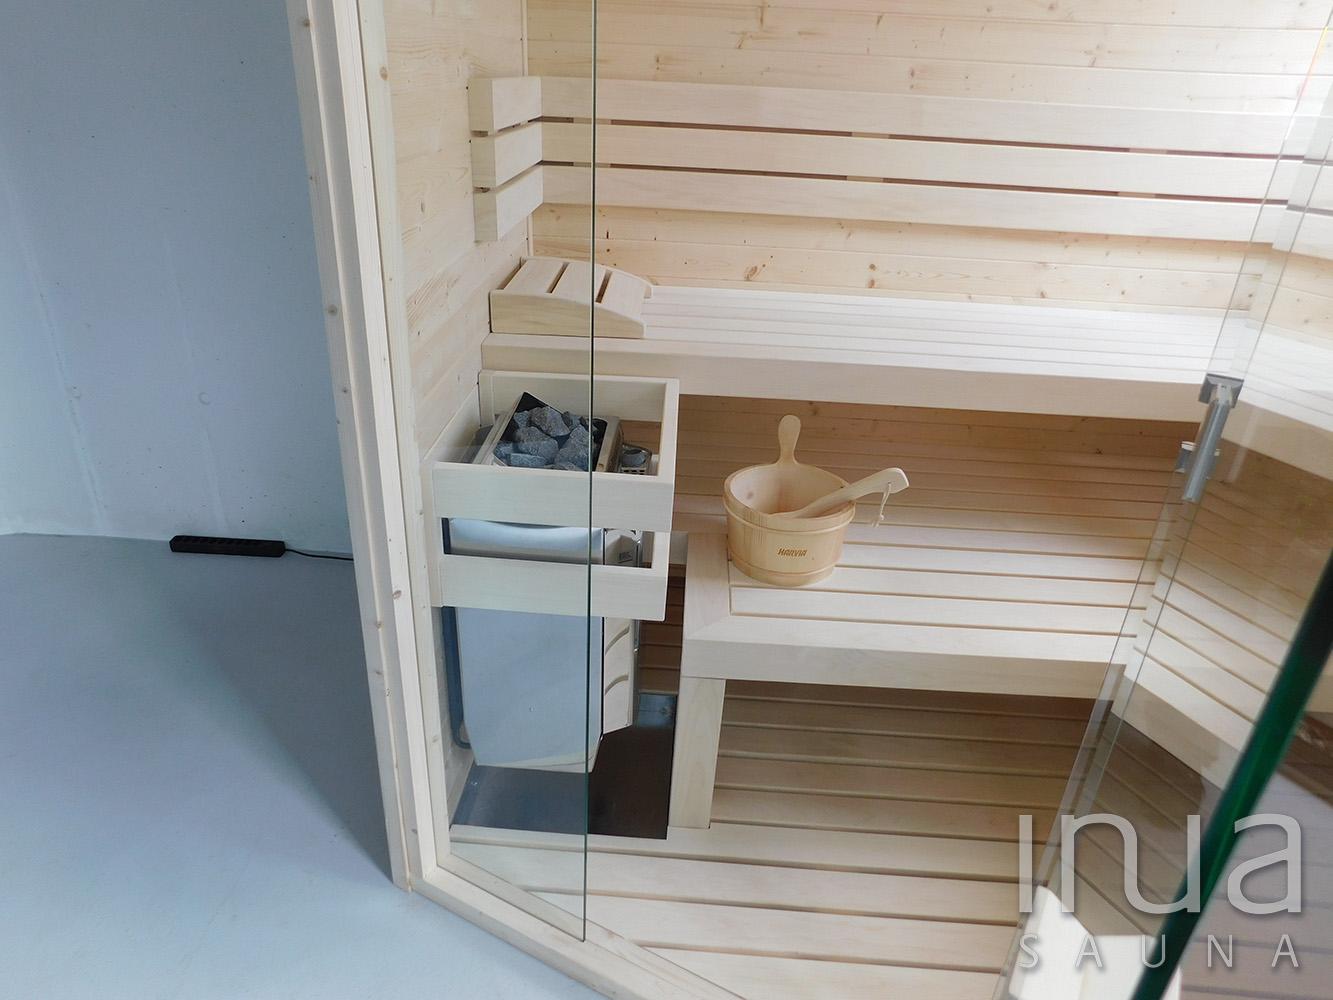 Individuális beltéri finn szauna. A kabin külső és belső burkolata egyaránt fózolt fenyő lambéria.